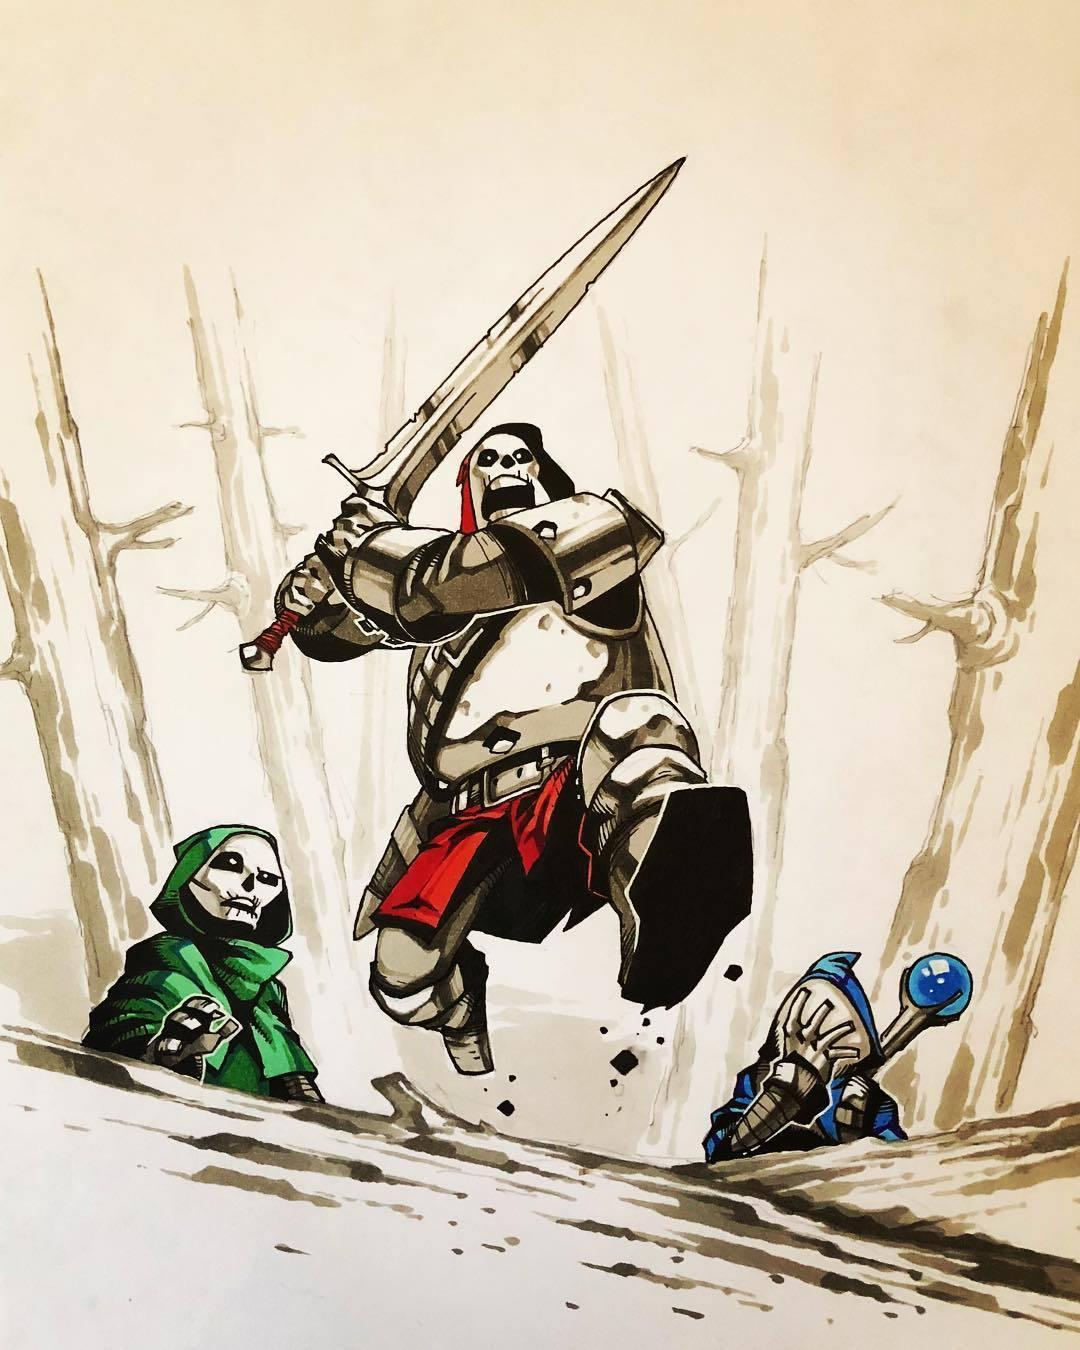 Похитители мечей. - Изображение 6